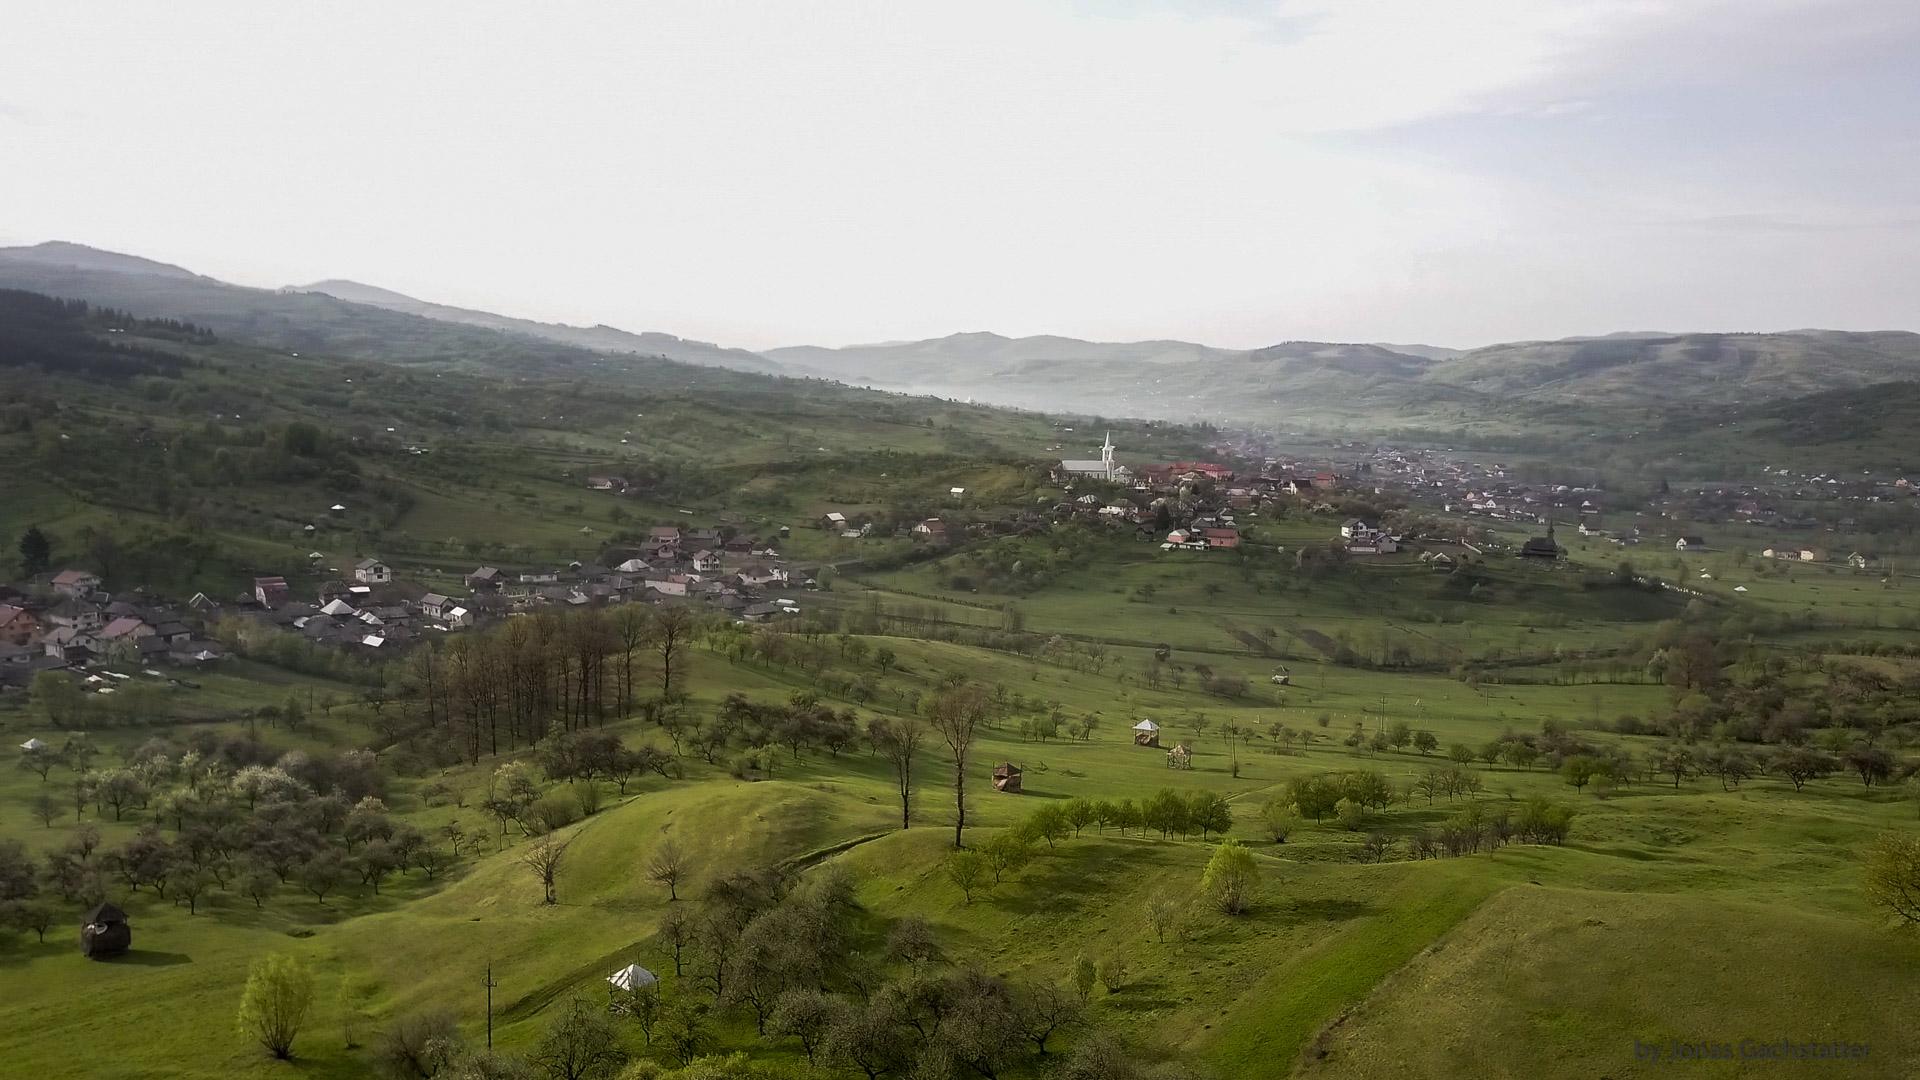 Blick auf Rona de Jos, Maramureș, Rumänien